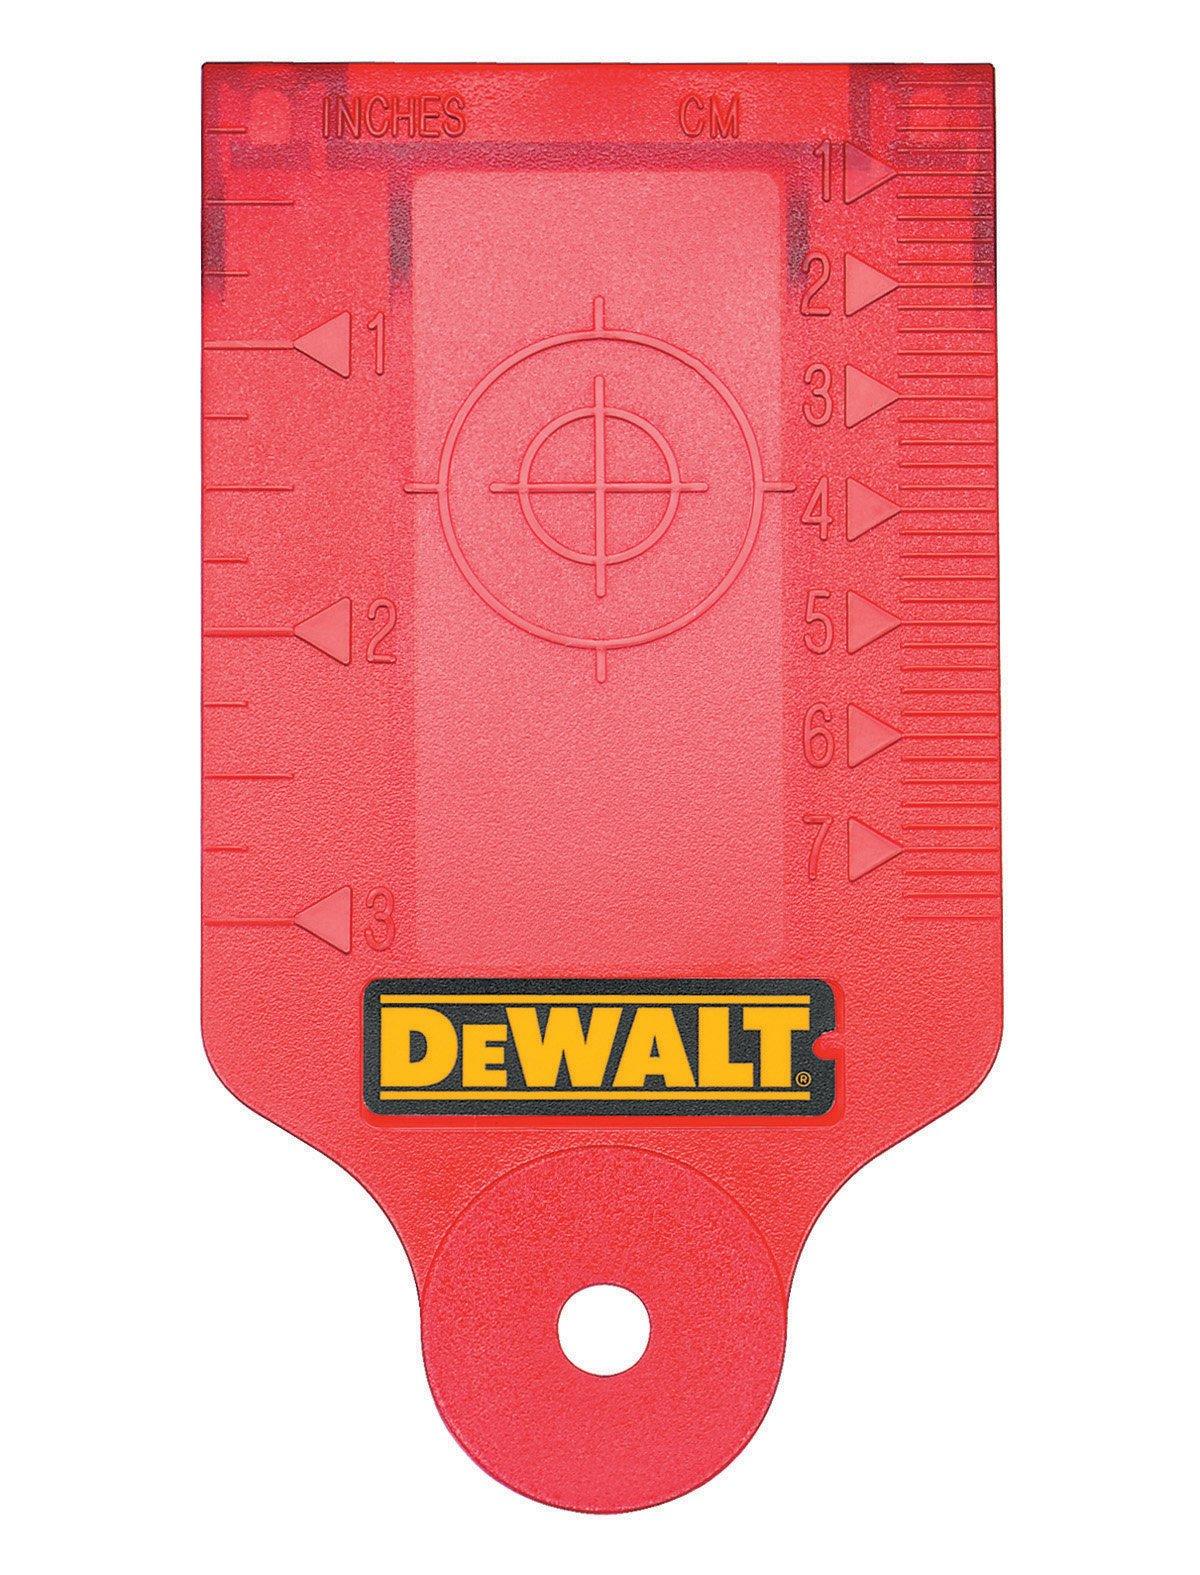 DEWALT DW0730 Laser Target Card